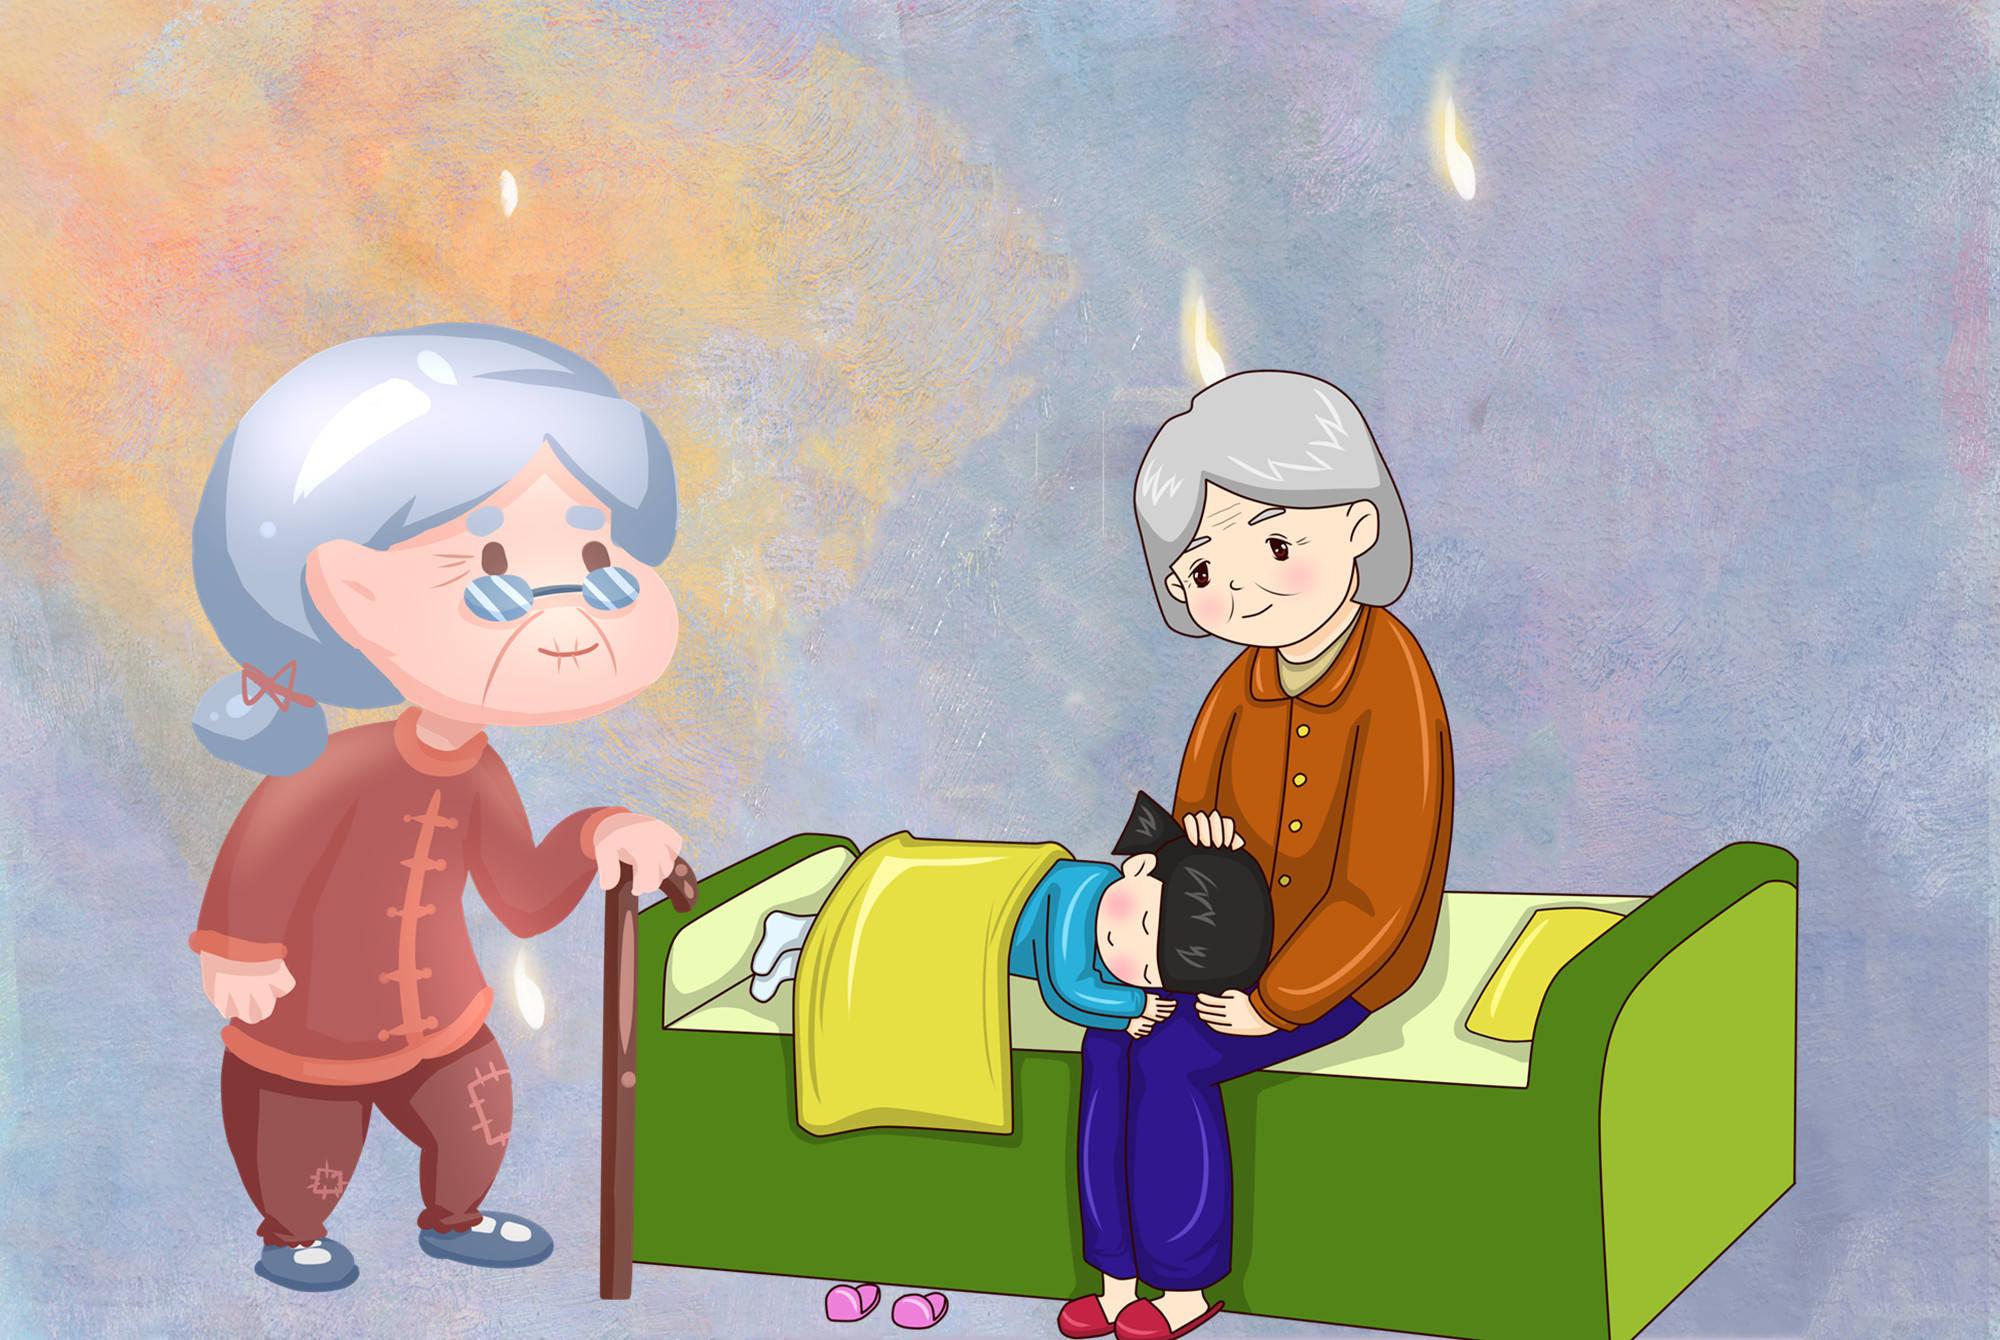 """婆婆逼问孩子""""奶奶姥姥谁更好"""",孩子的机智回答,让奶奶惭愧"""